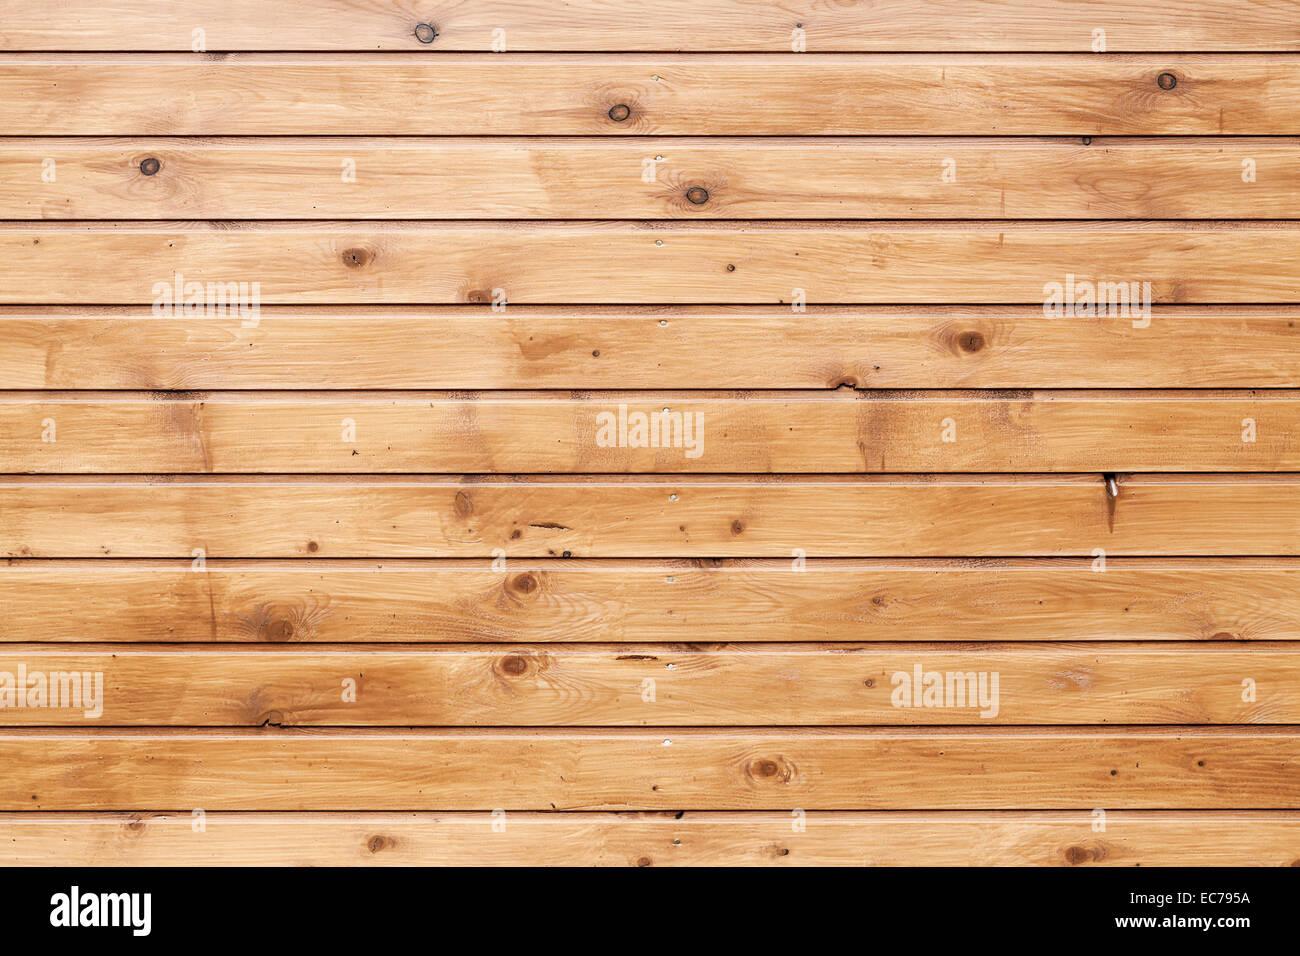 Tavole Legno Per Rivestimento Pareti texture di sfondo di naturale incolore parete in legno fatta